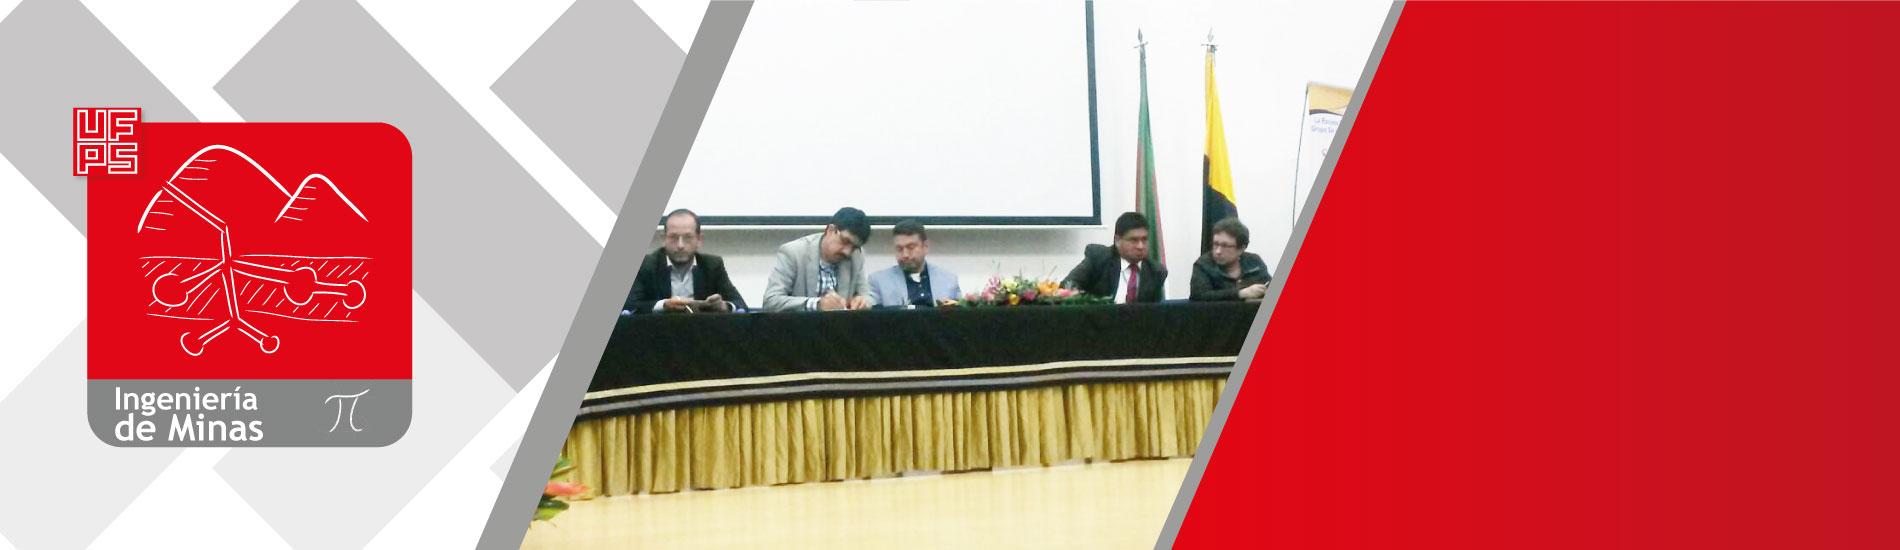 Docente UFPS presentó ponencia sobre responsabilidad social empresarial en la minería y su influencia en la obtención de licencias en Colombia